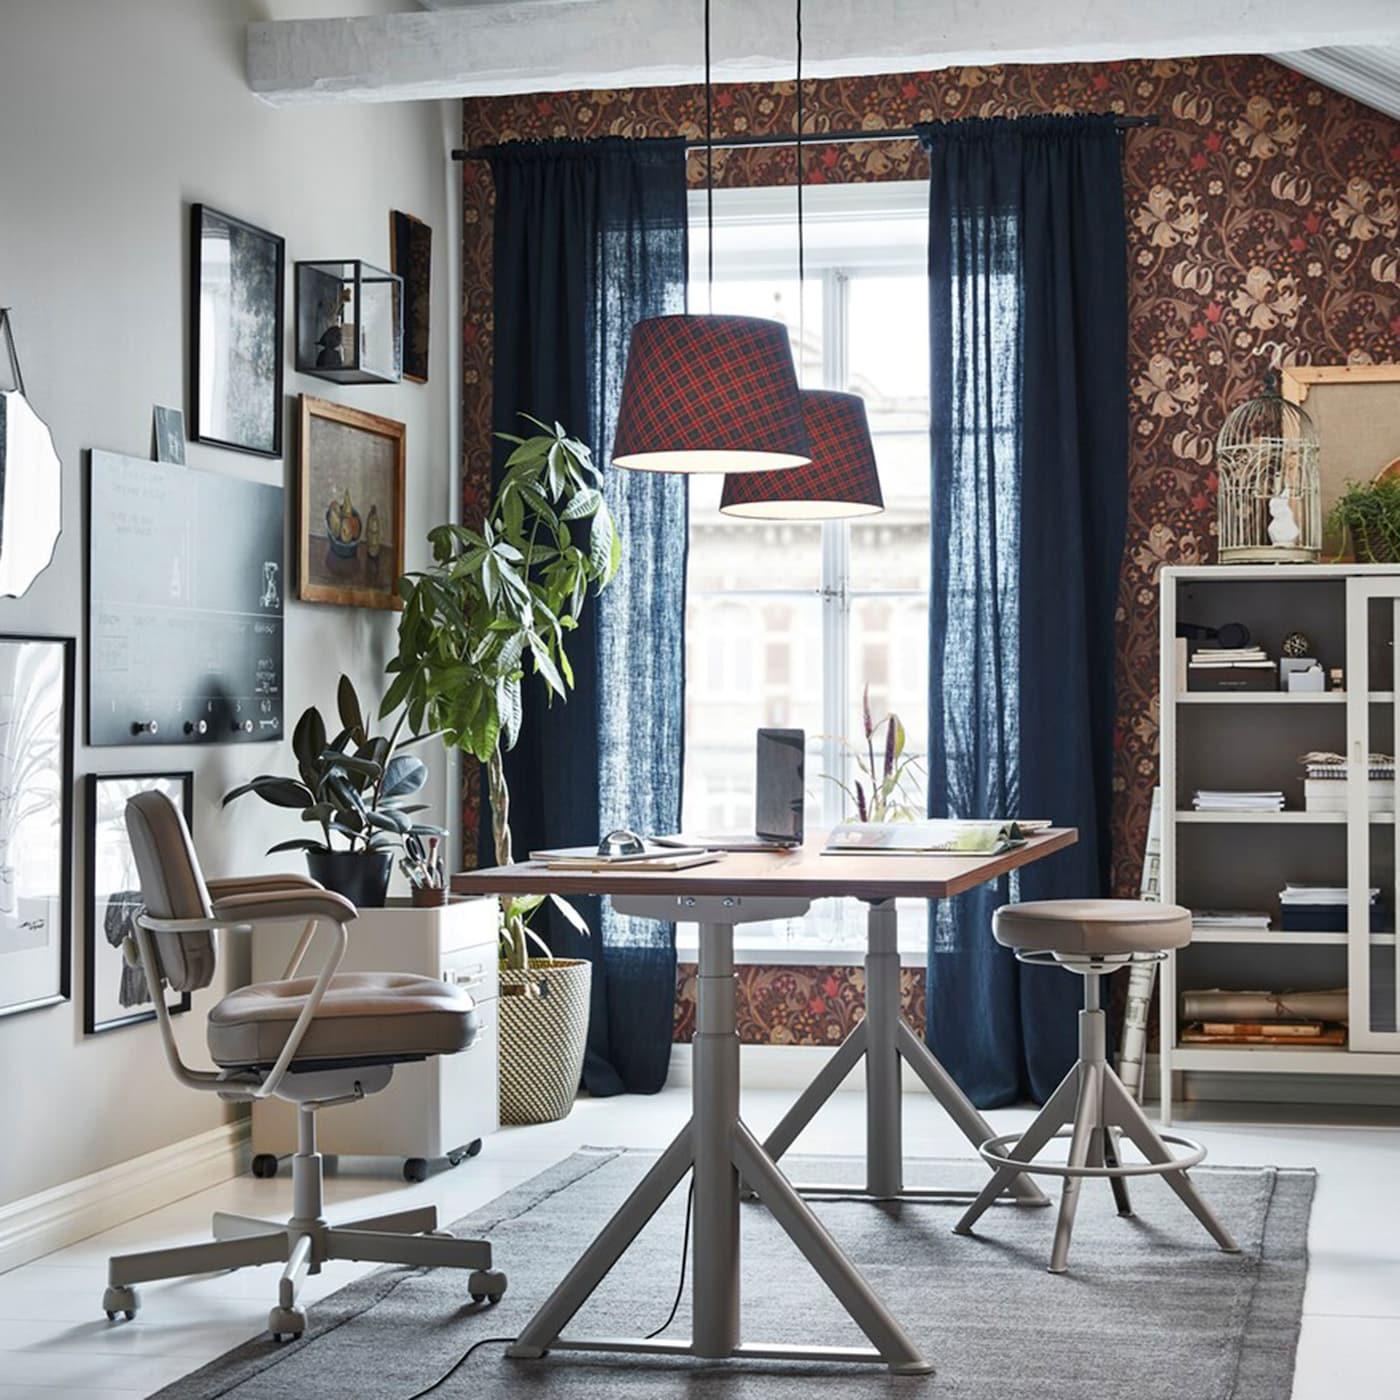 Der IKEA IDÅSEN Sitz- und Stehschreibtisch in Braun/Beige, Schubladenelement und Vitrine sind funktionelle, moderne Möbel, mit denen sich dein Heimarbeitsplatz ausgewogen einrichten lässt.